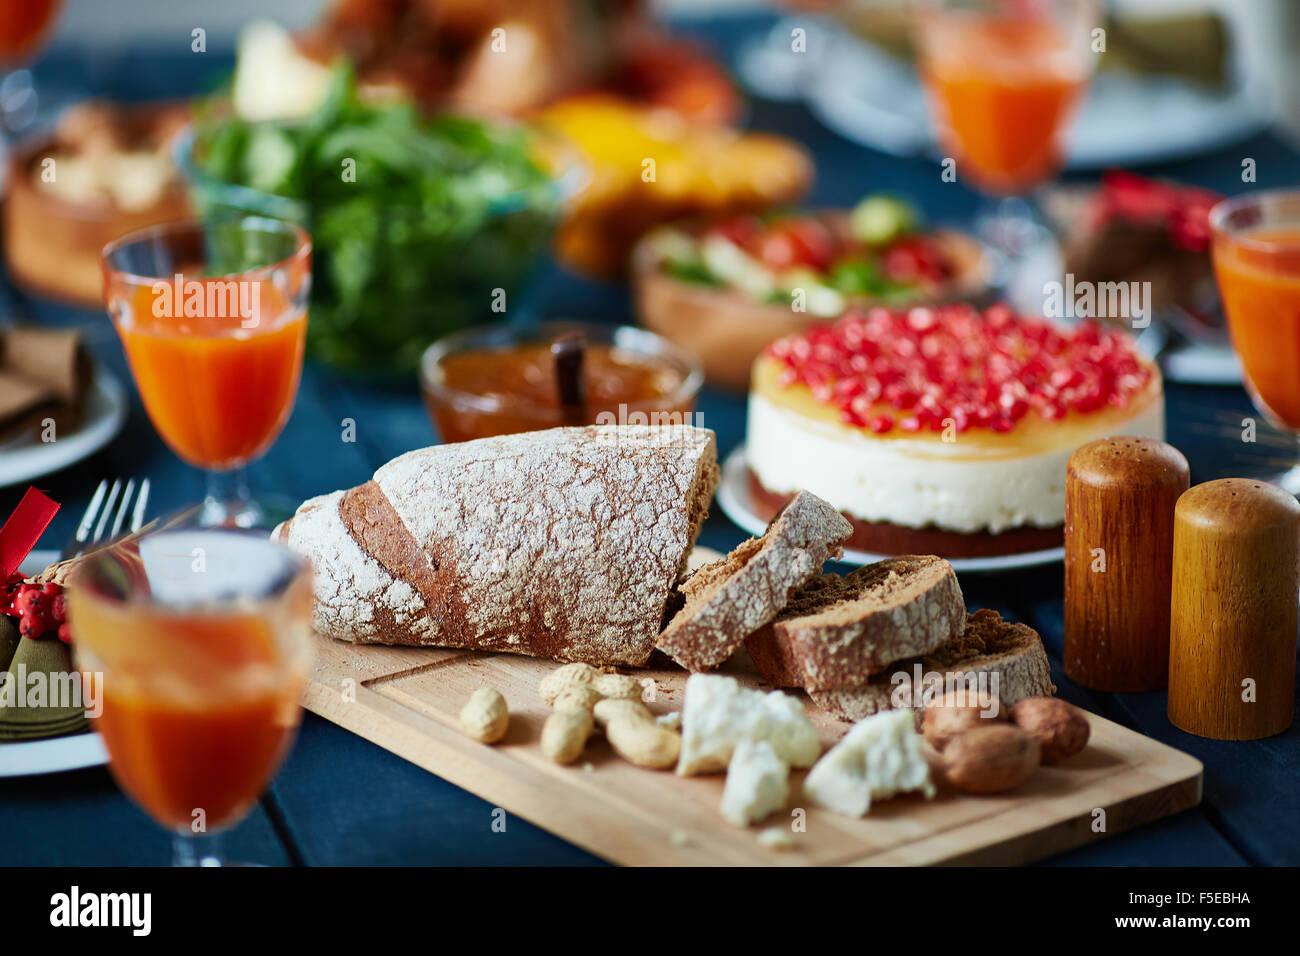 Scheiben von Roggenbrot und andere Lebensmittel auf festlich gedeckten Tisch Stockbild